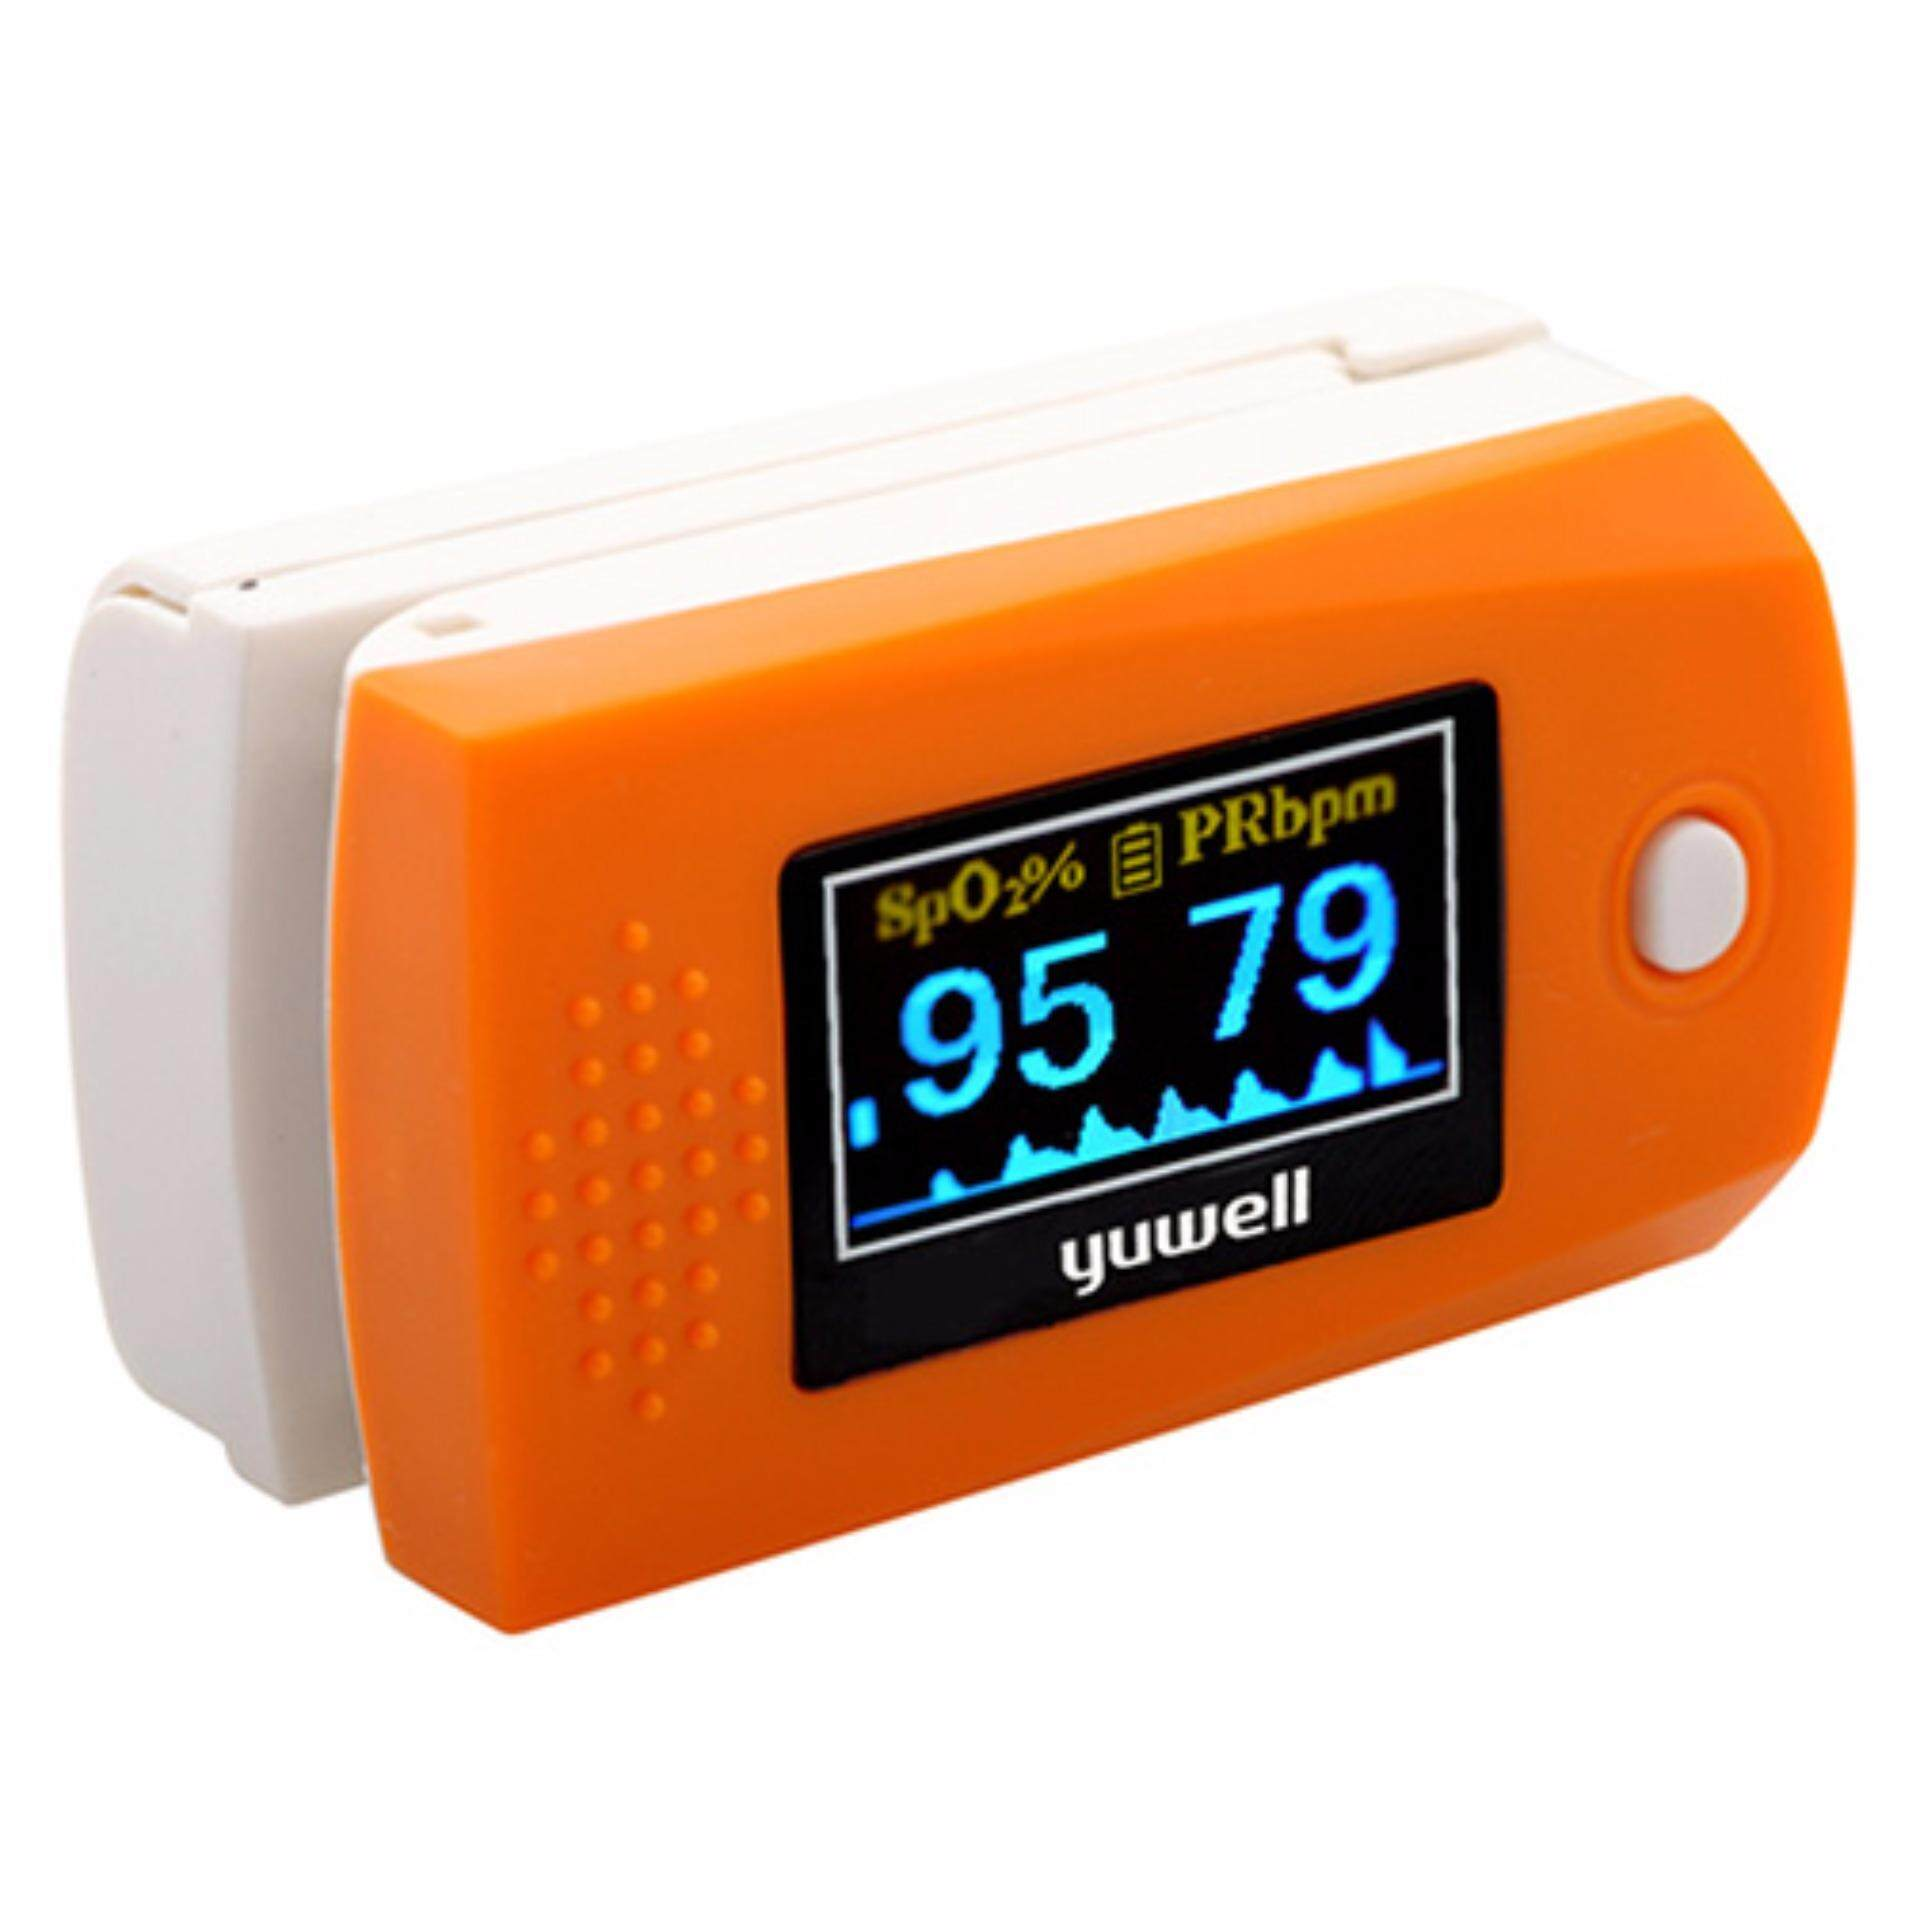 เครื่องวัดออกซิเจนในเลือดที่ปลายนิ้ว เครื่องวัดออกซิเจน วัดออกซิเจน Yuwell YX300 Fingertip Pulse Oximeter รับประกัน 1 เดือน สามารถออกใบกำกับภาษีได้